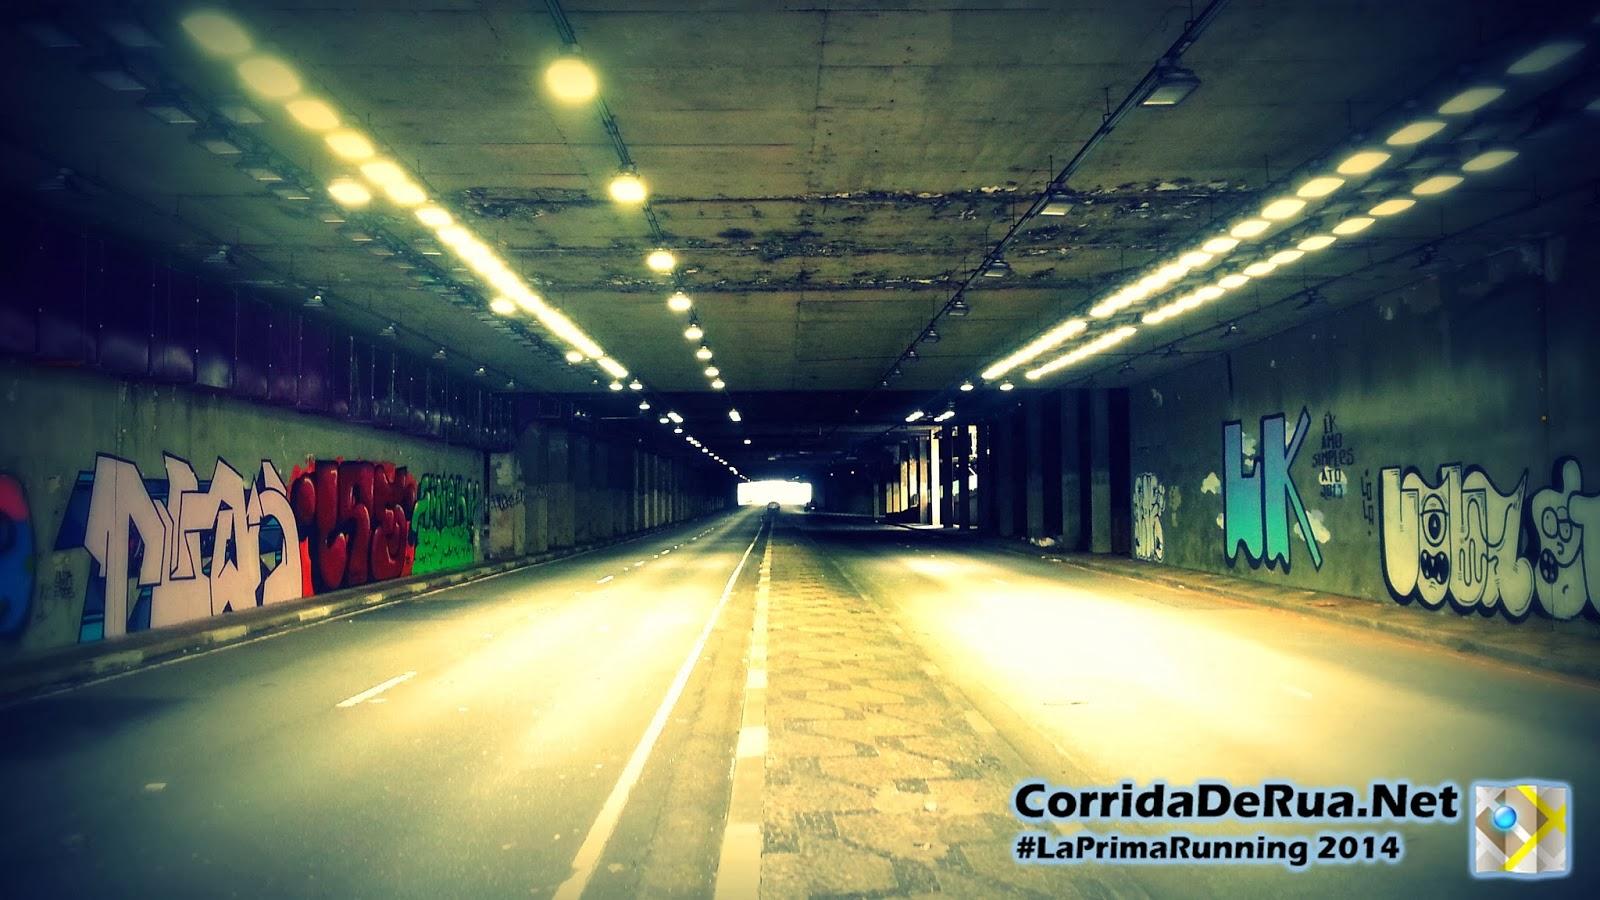 Corrida no túnel - Corrida De Rua